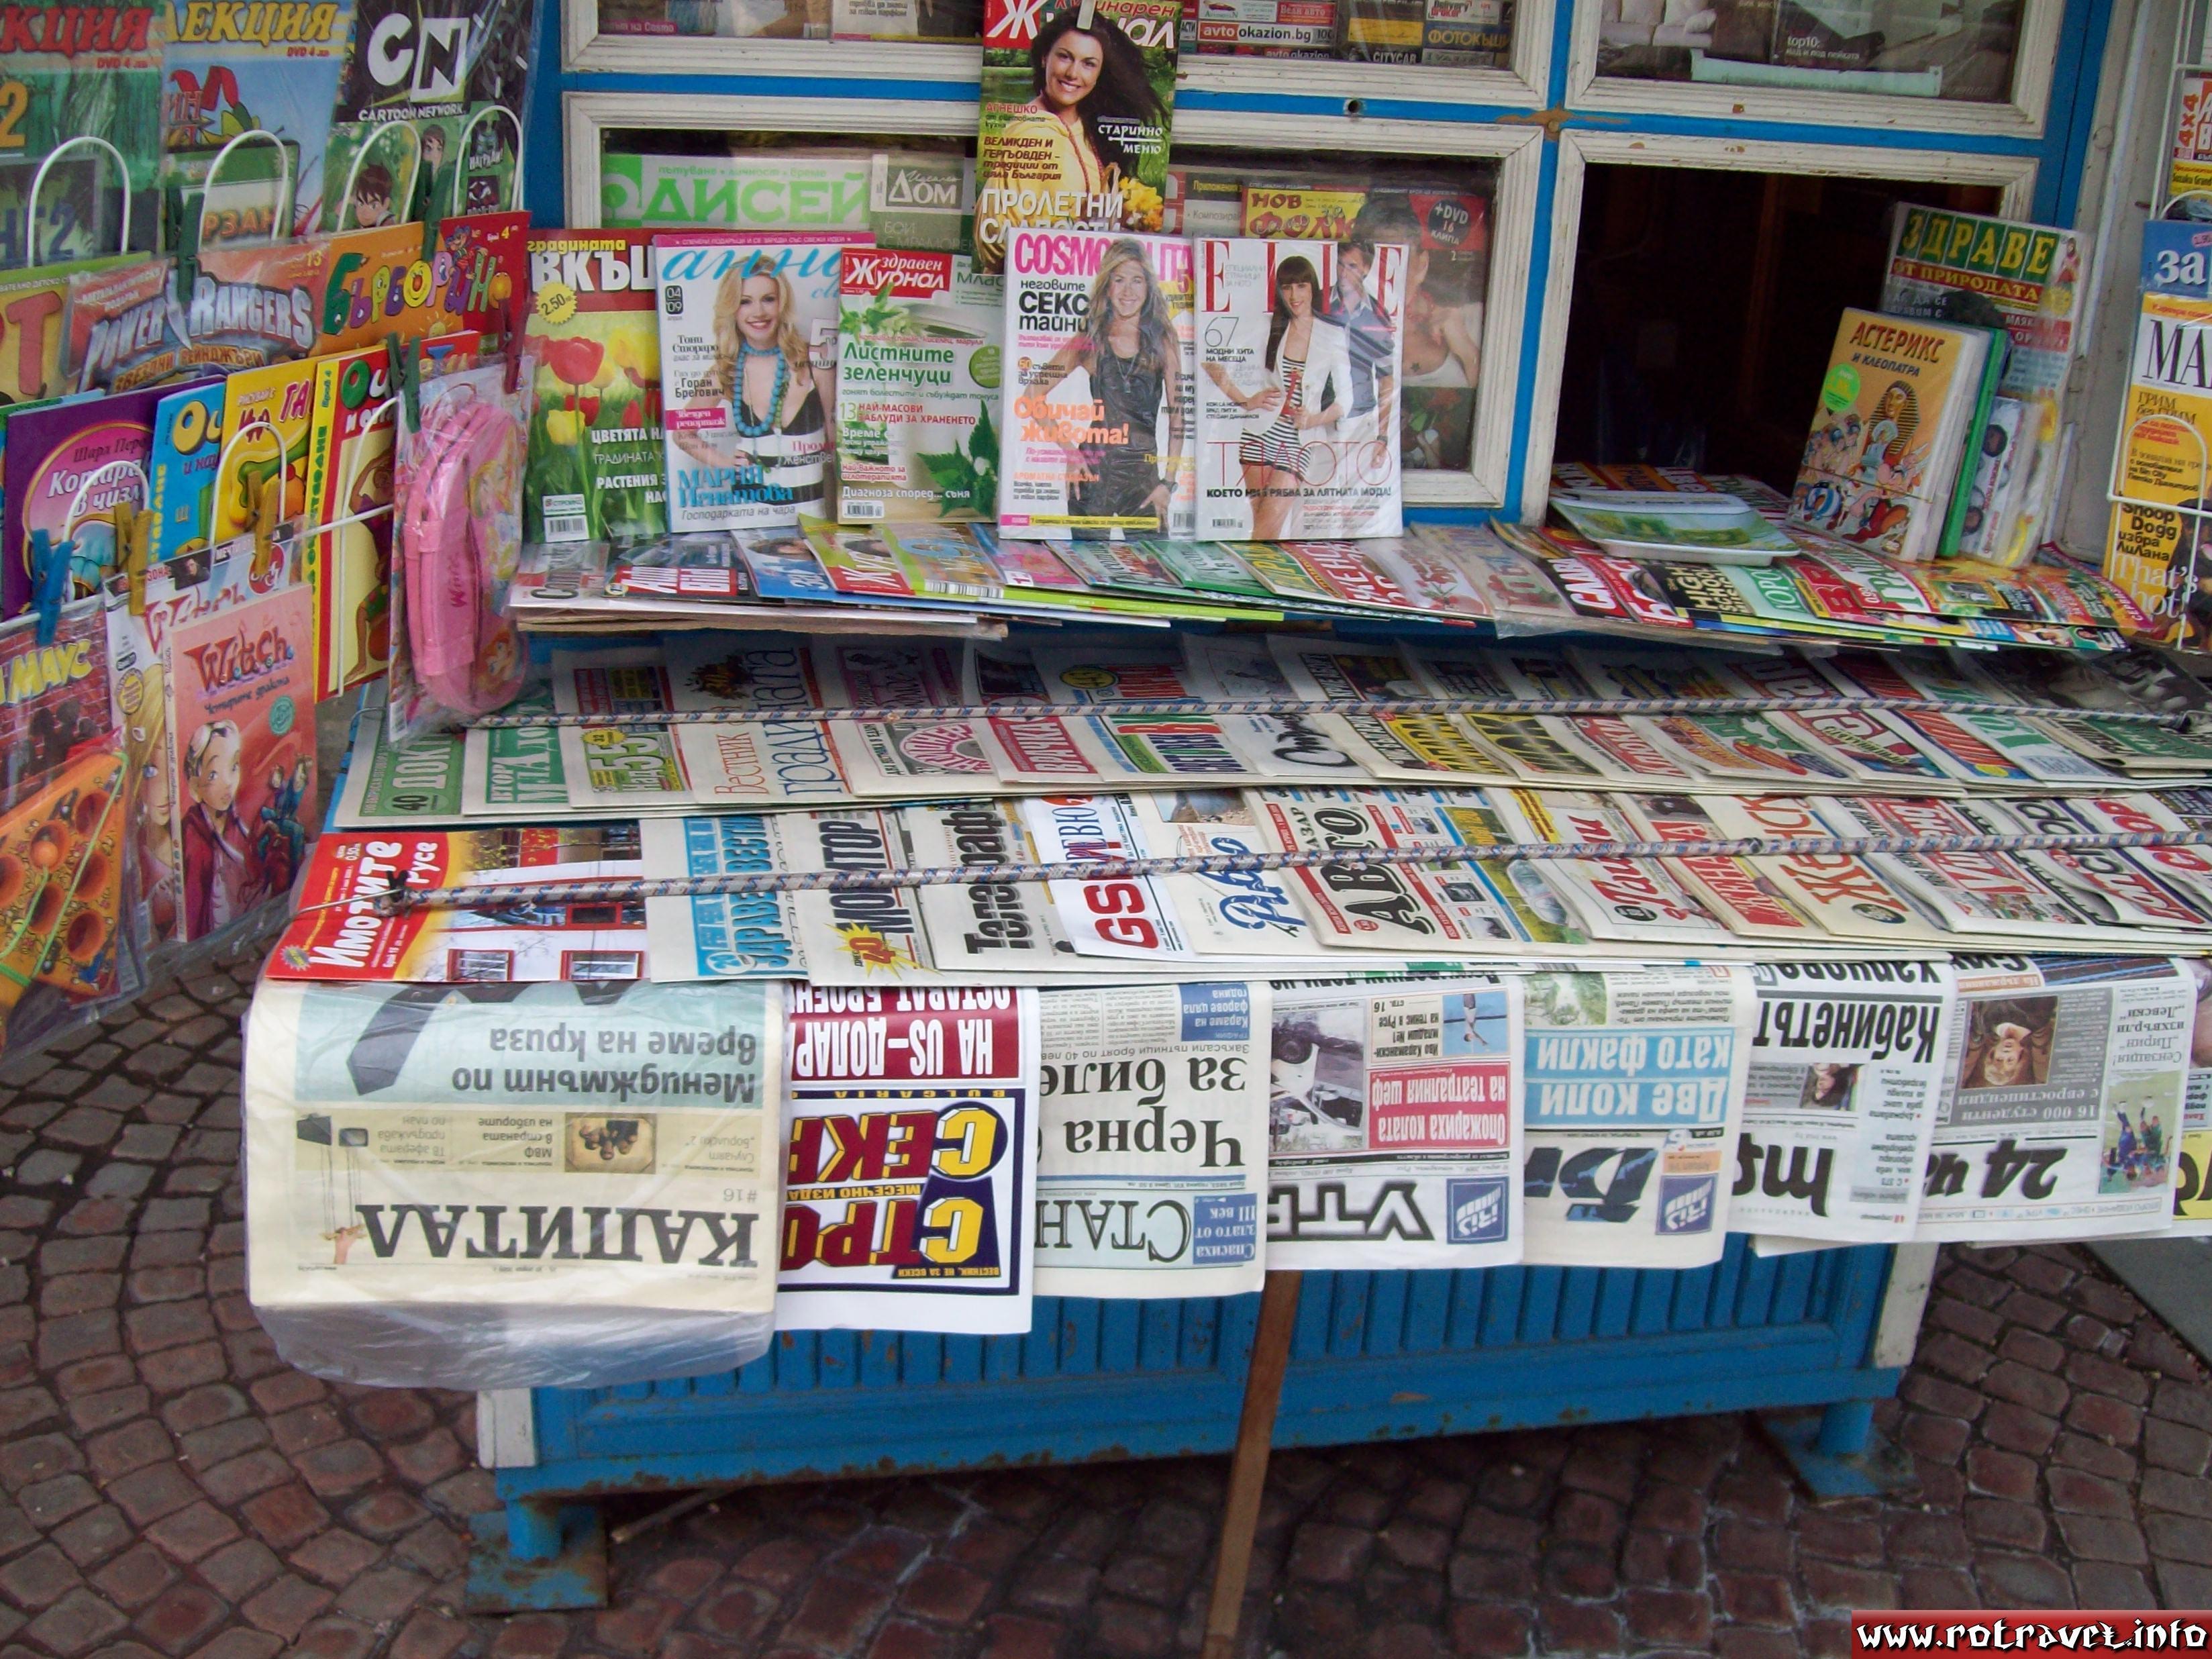 Media kiosk